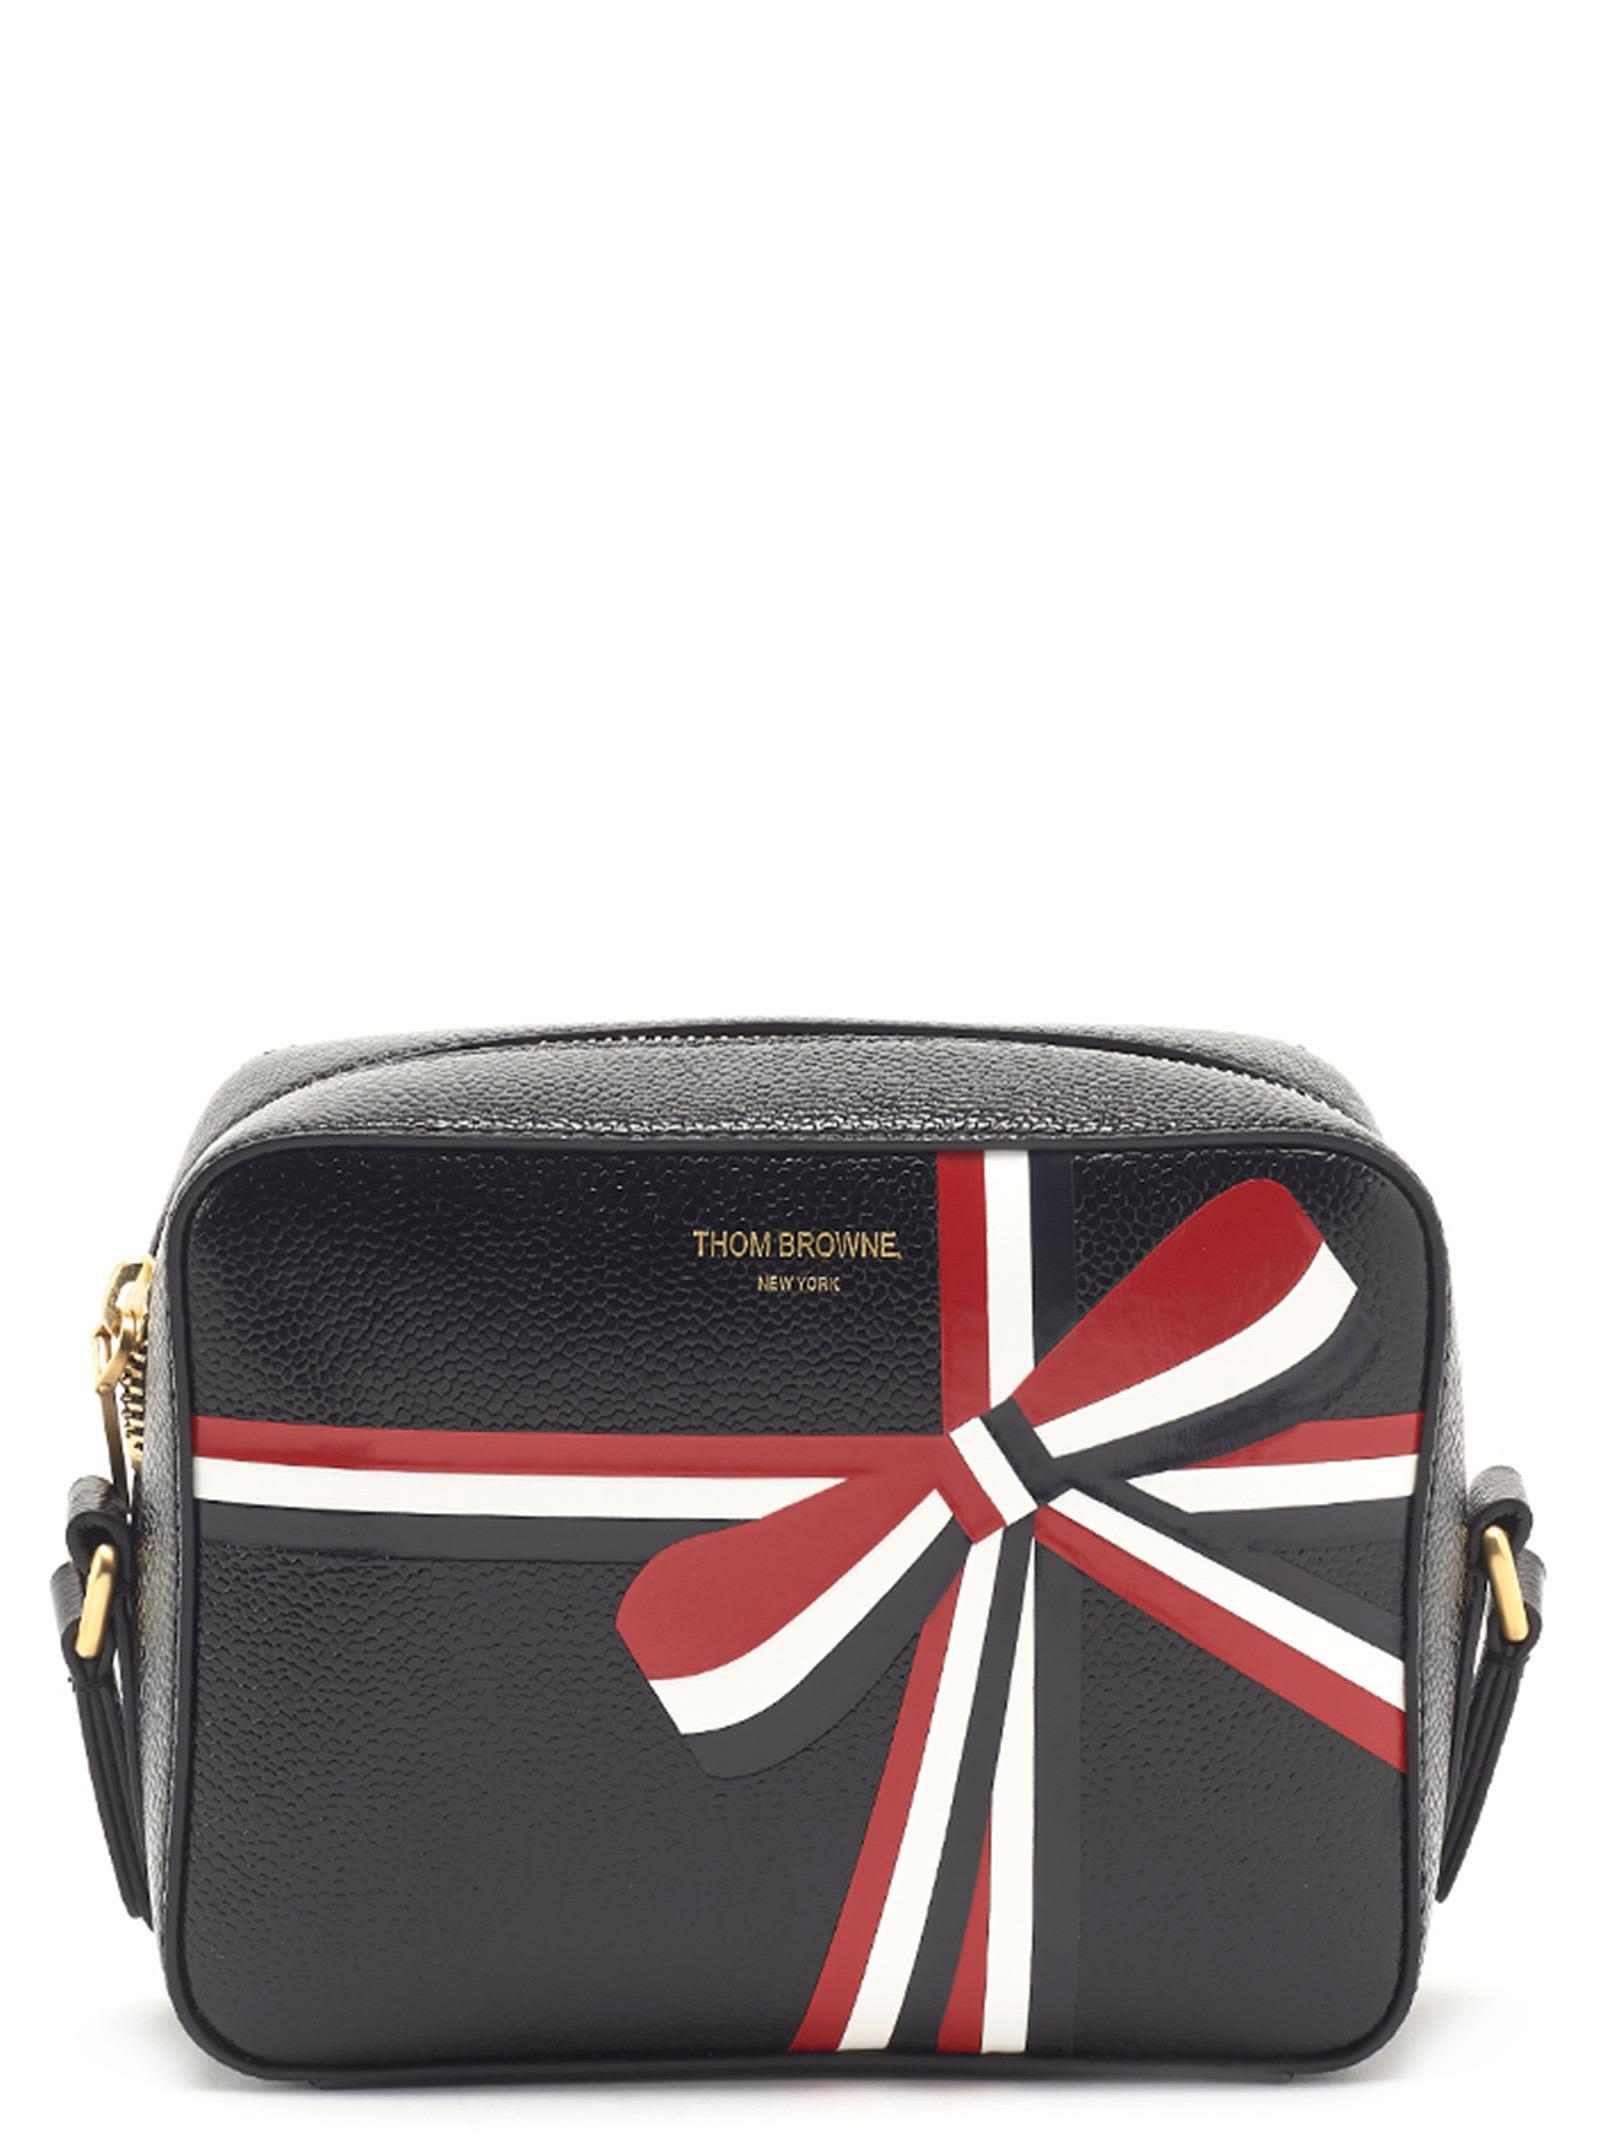 'Business Bag' Bag in Black